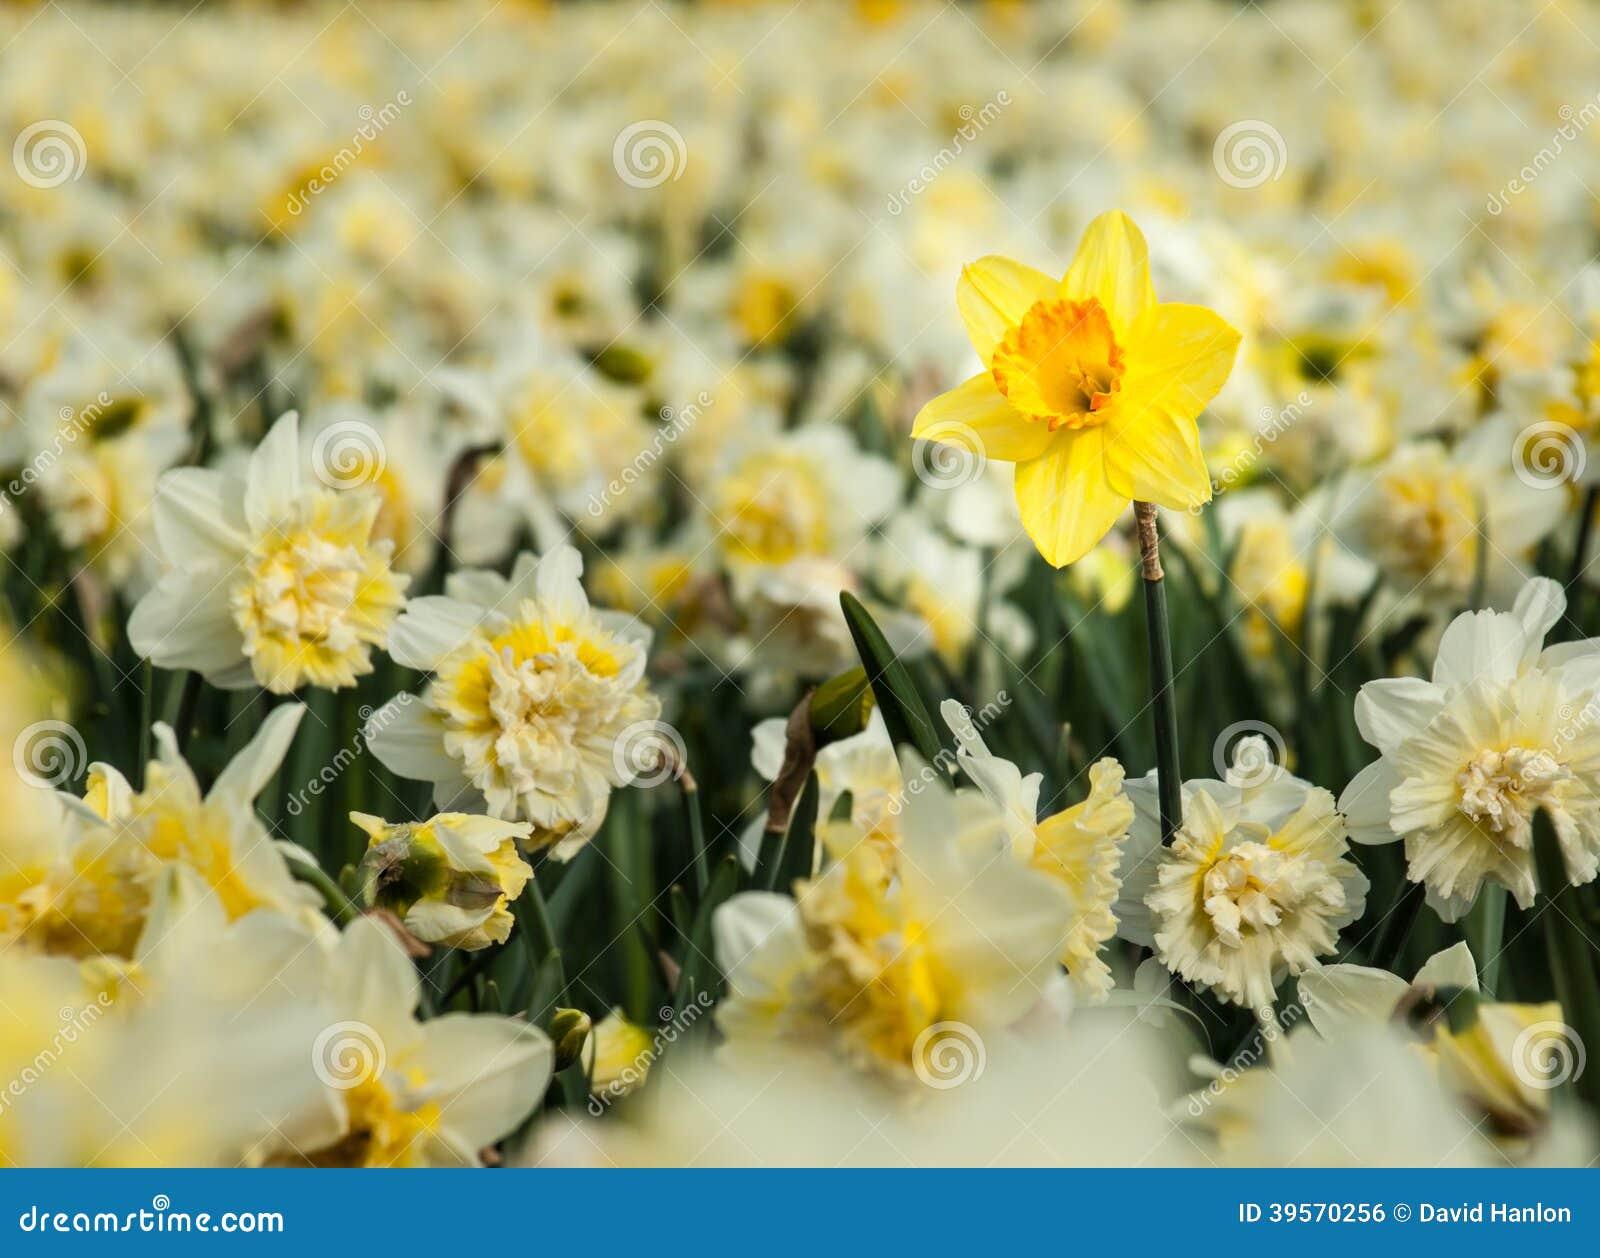 Påsklilja för gul trumpet i ett fält av vita påskliljor